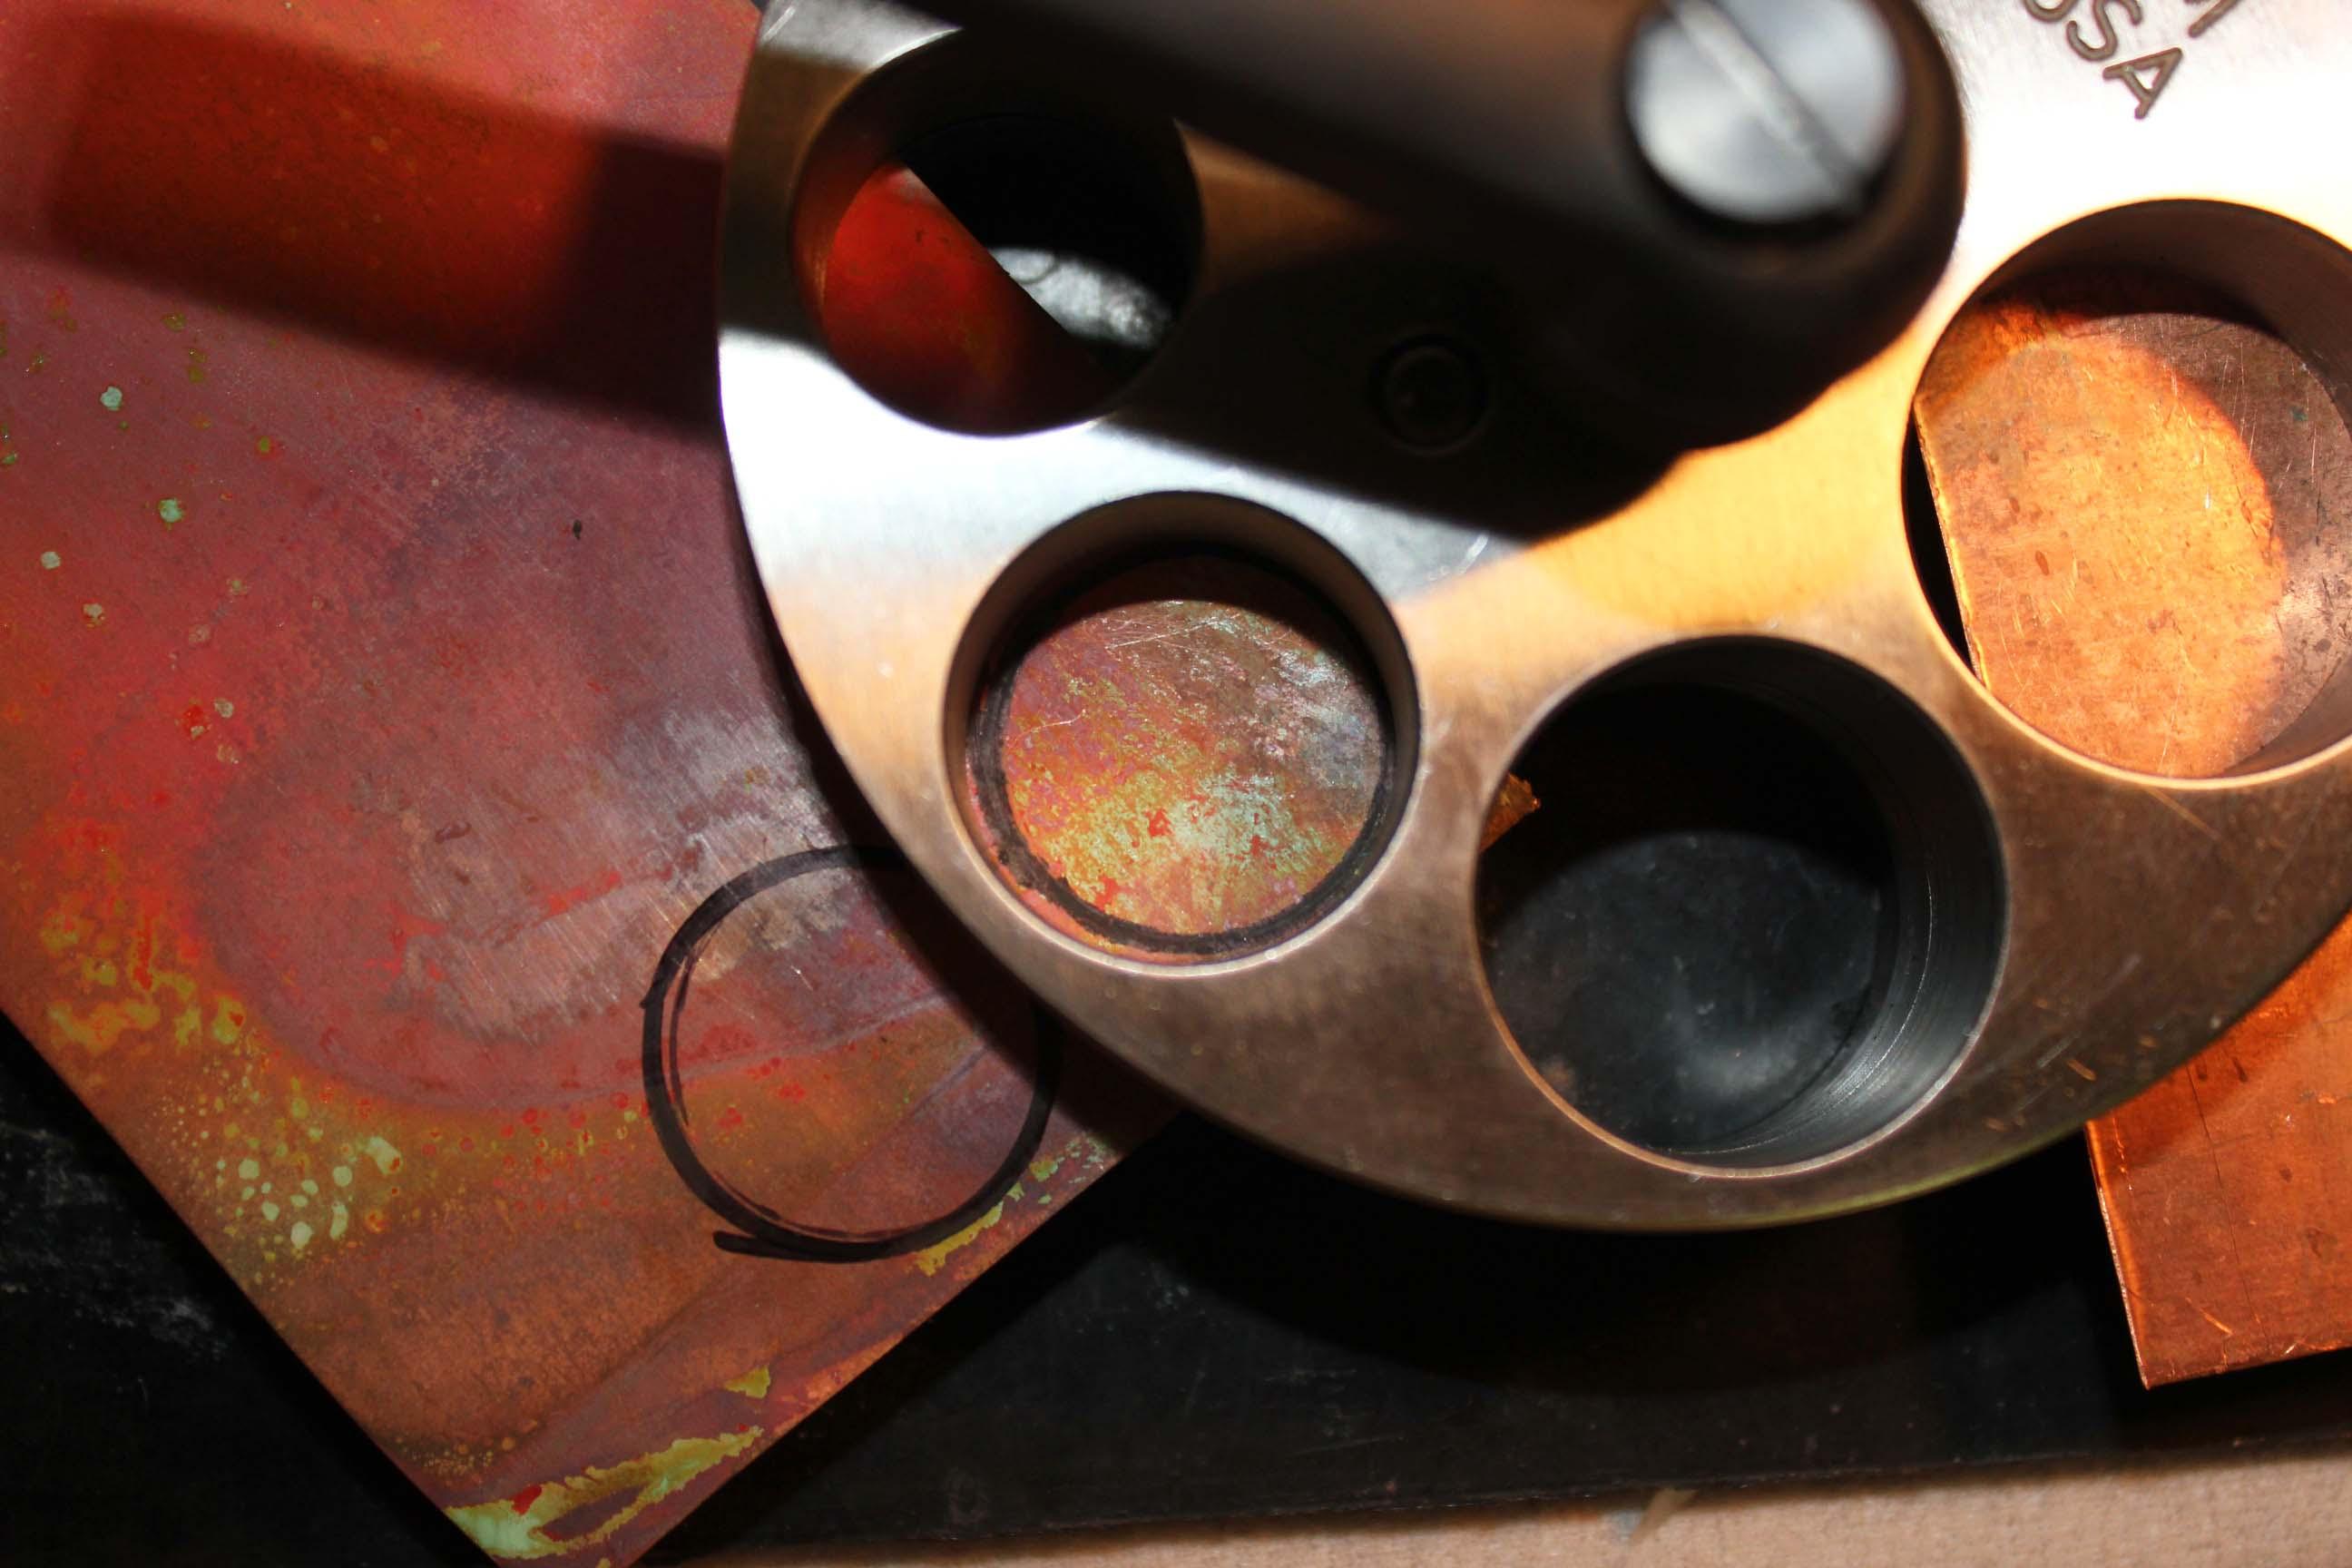 Insert sheet in between disc cutter plates